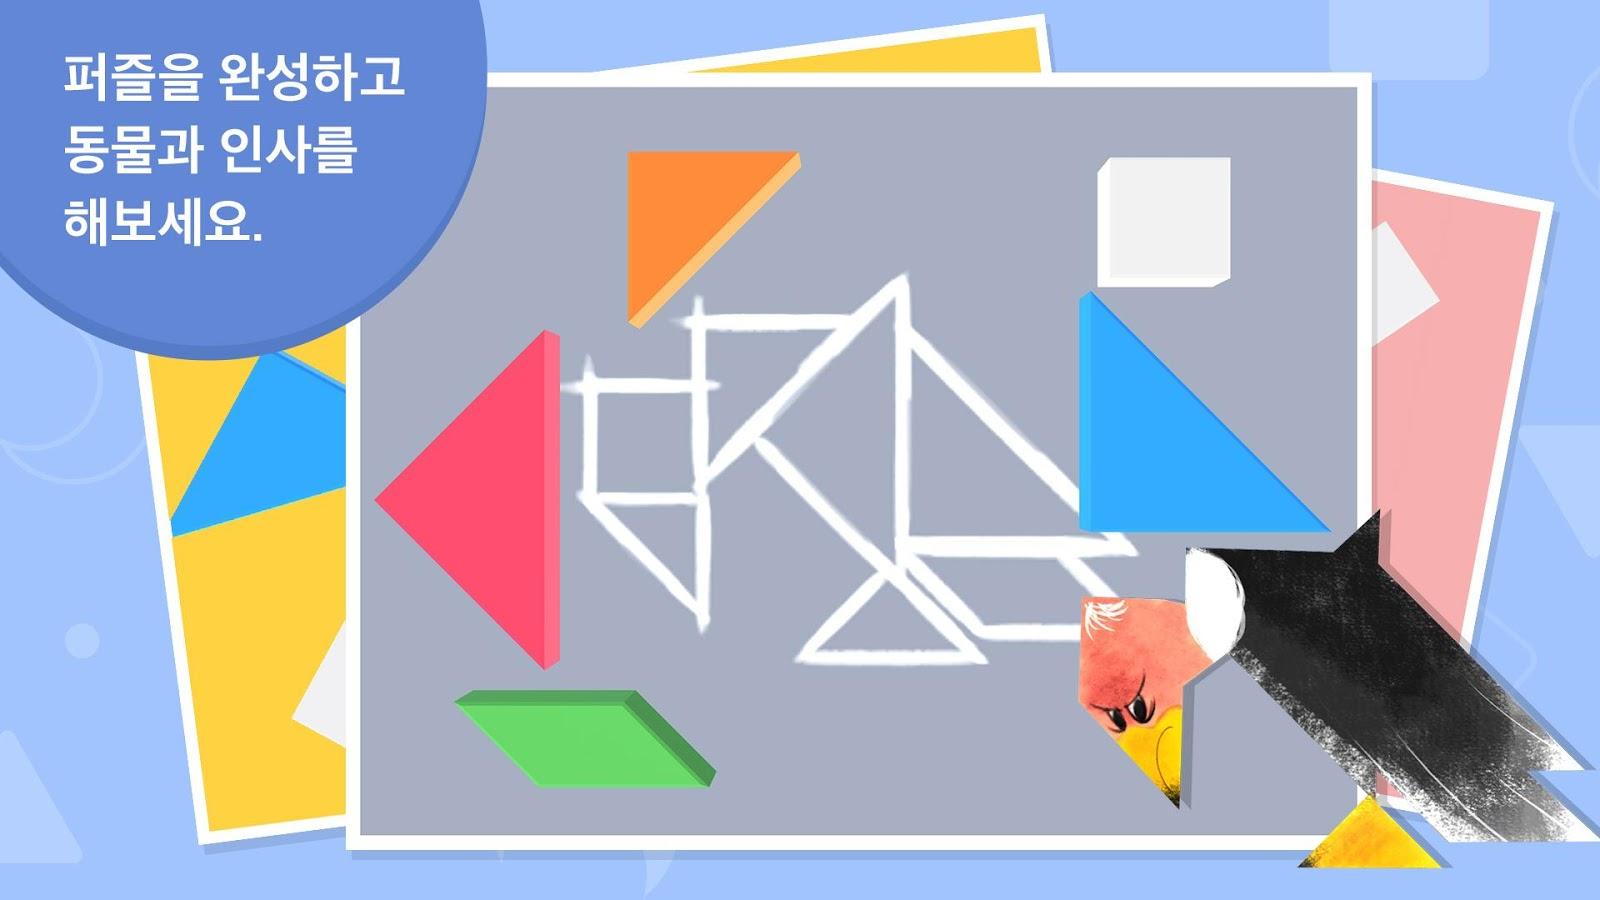 타이니 플레이룸 - 영유아를 위한 작은 놀이방 - Google Play의 Android 앱